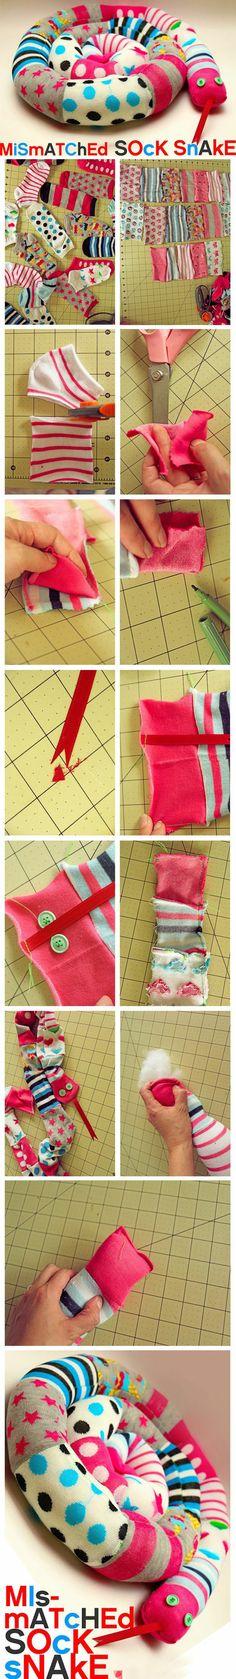 riciclare i calzini